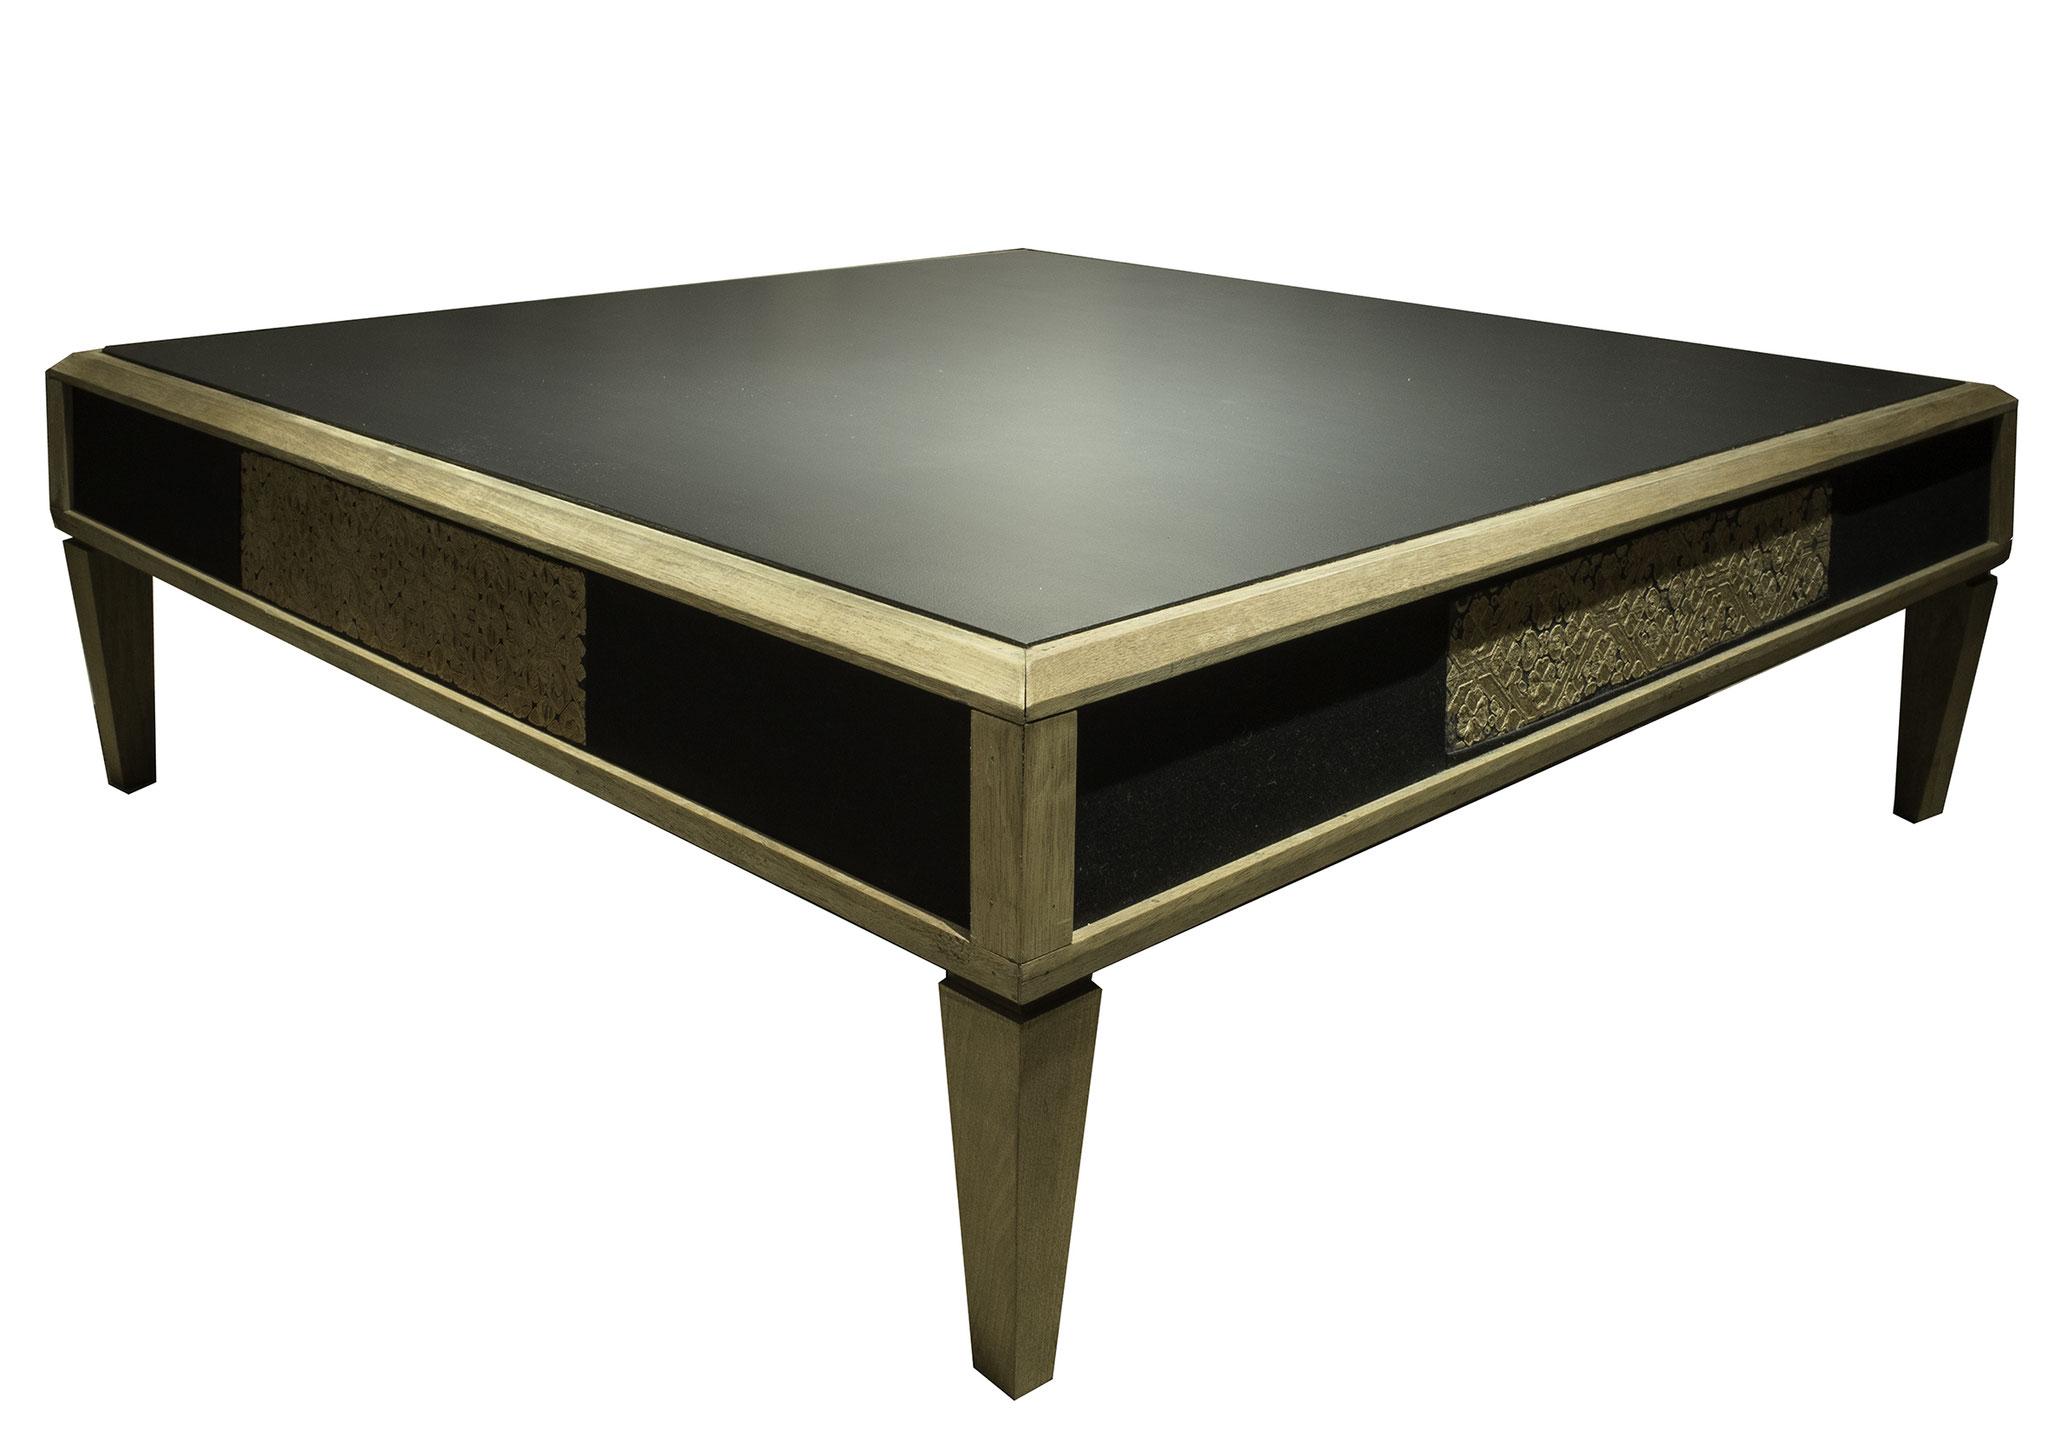 Table basse laquée marouflée de tissus Miao de Chine sur les façades - Création sur mesure - 90x 90 x 25 cm